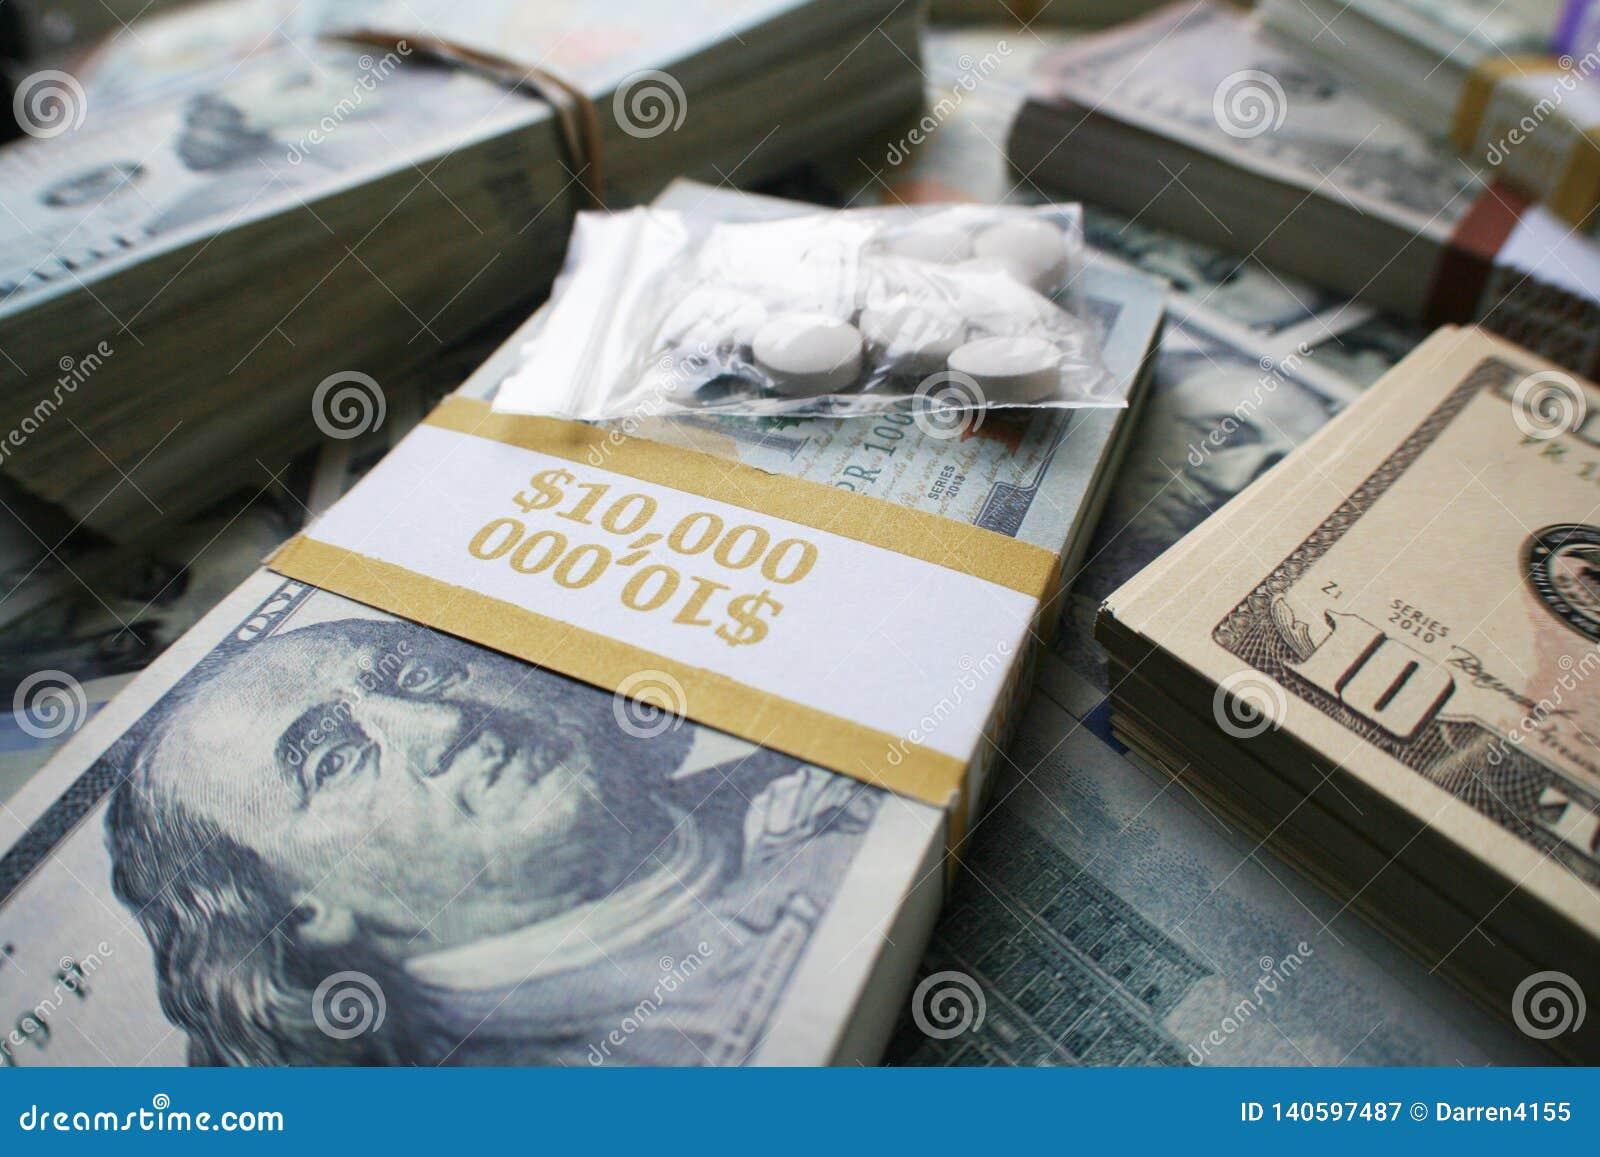 Έννοια έθνους χαπιών που παρουσιάζει στις οπιούχες ουσίες συνταγών μεγάλα κέρδη